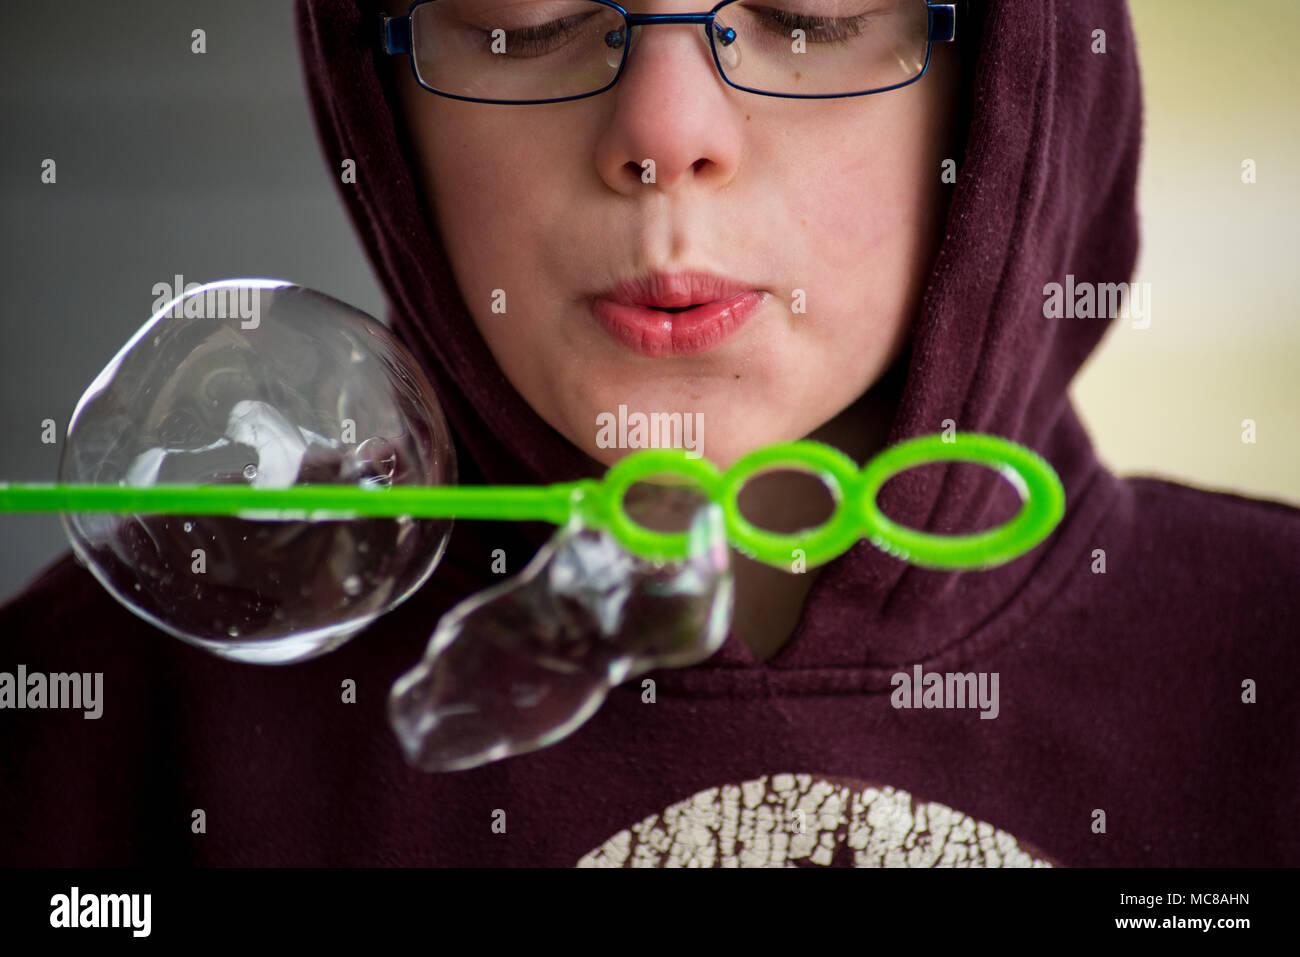 Ein Junge bläst Seifenblasen in die Kamera. Stockbild